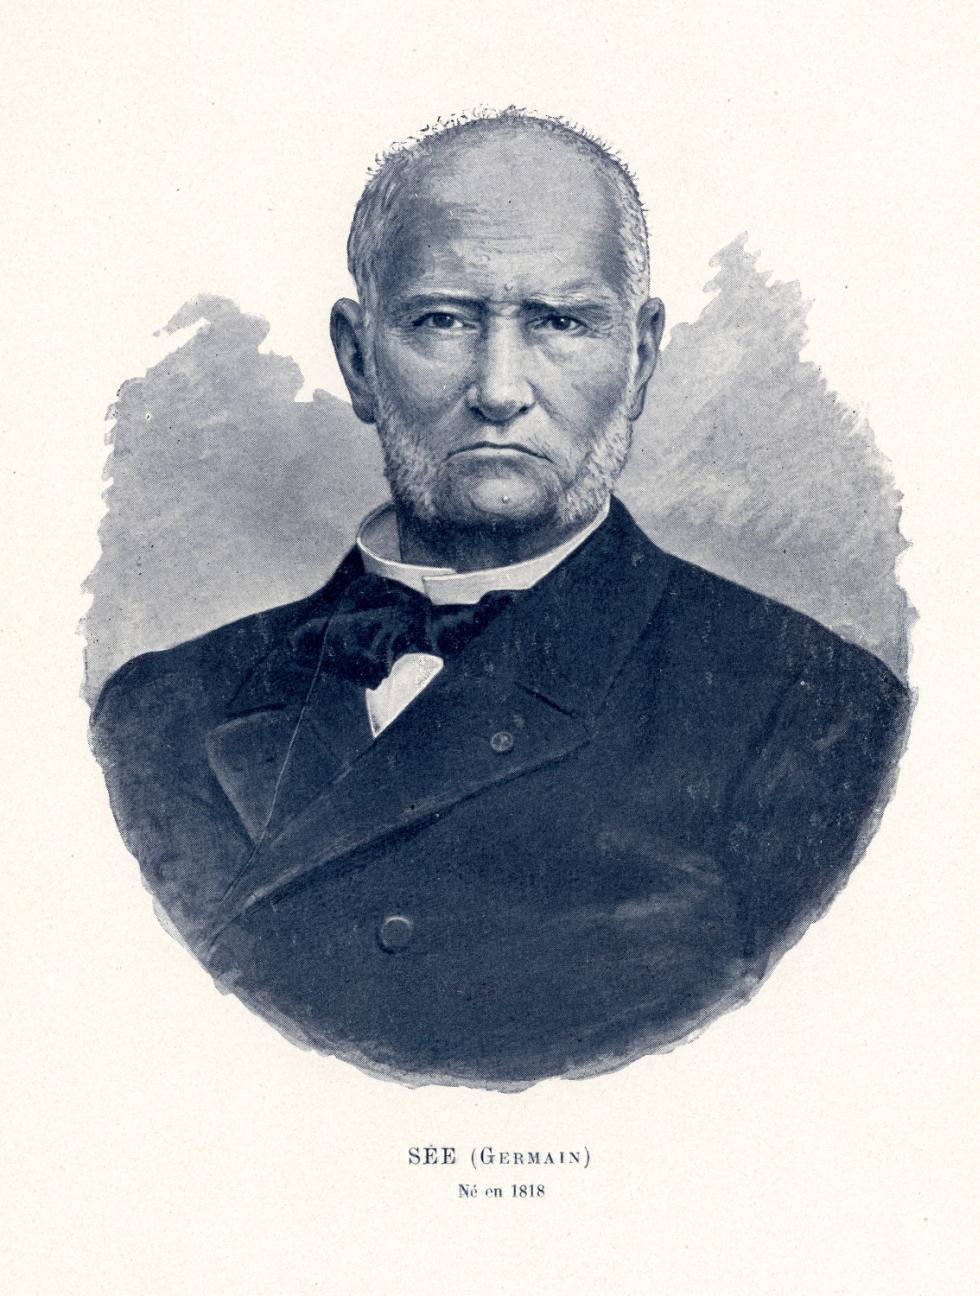 Sée Germain - Centenaire de la Faculté de médecine de Paris (1794-1894) - Médecins. 19e siècle (France) - med09858x02x0121